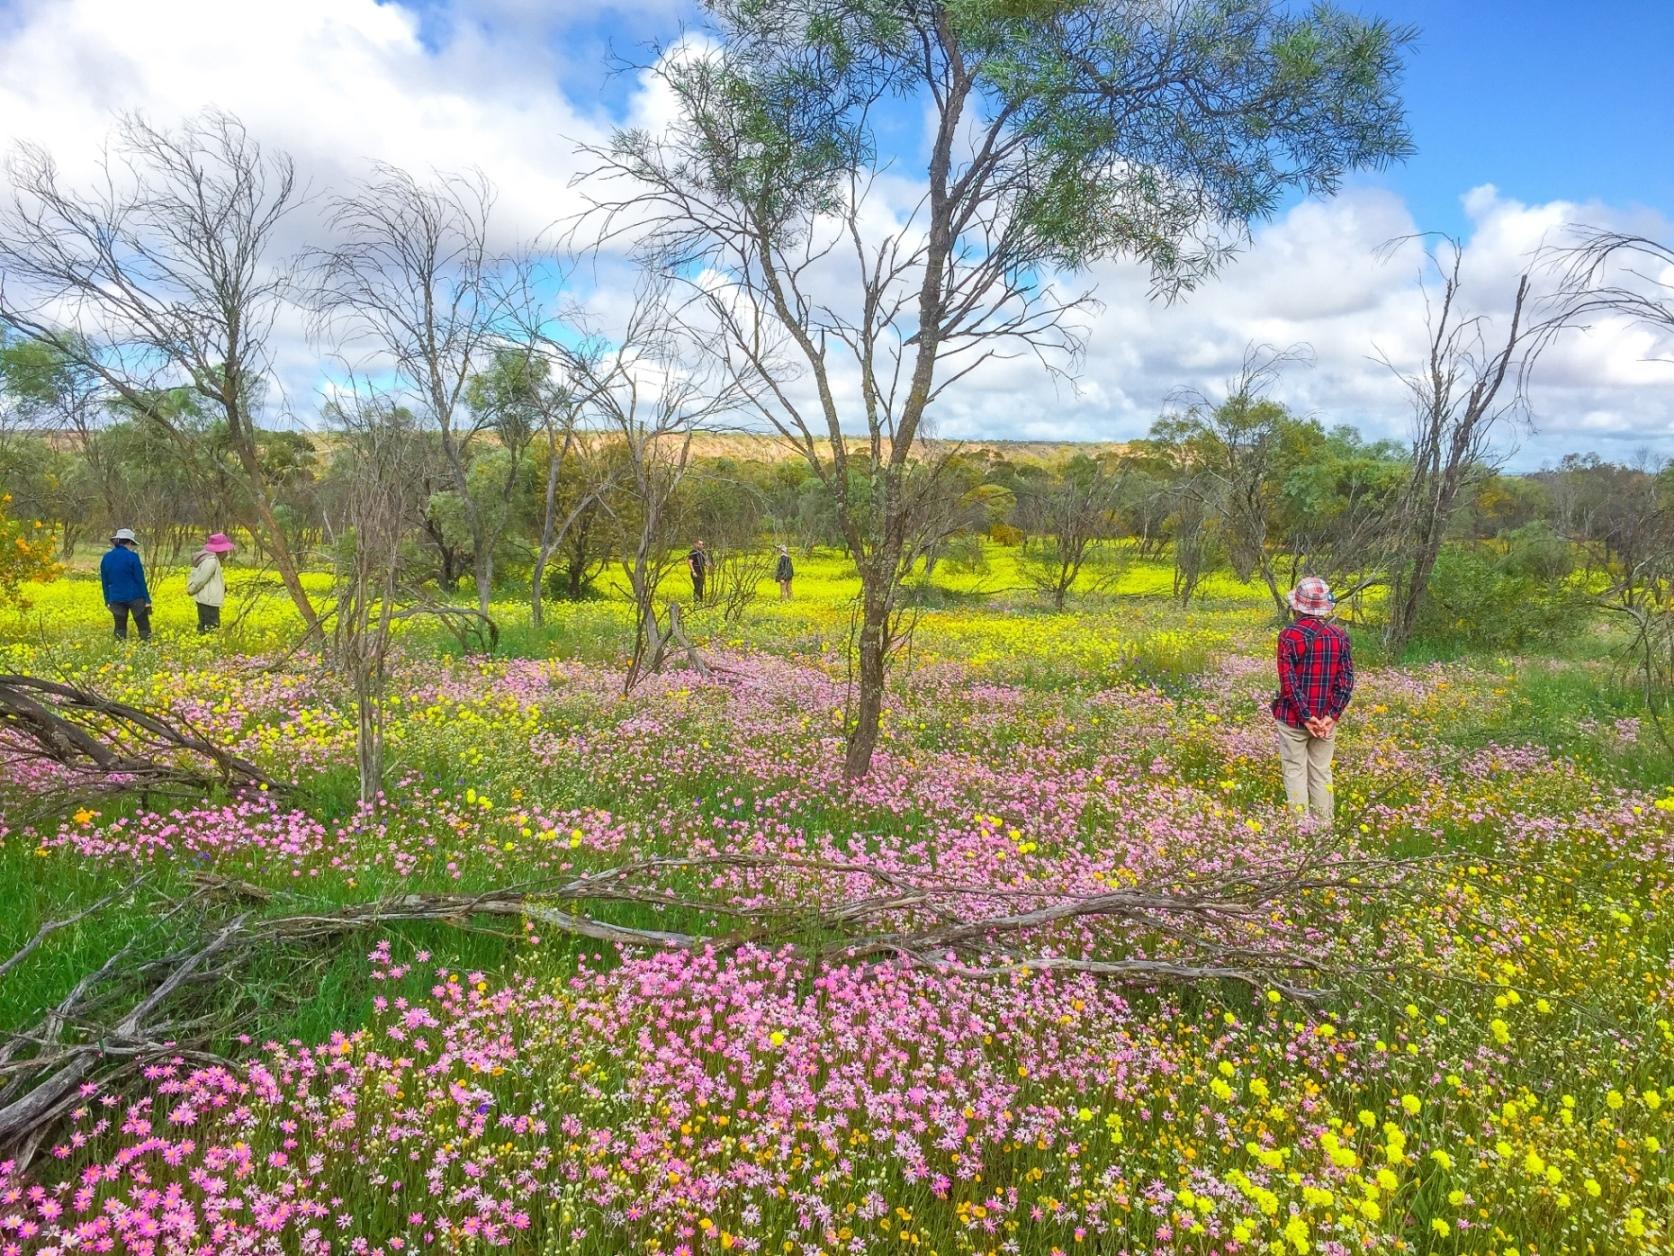 エバーラスティングの群生が美しいコールシーム自然保護区(4日目)